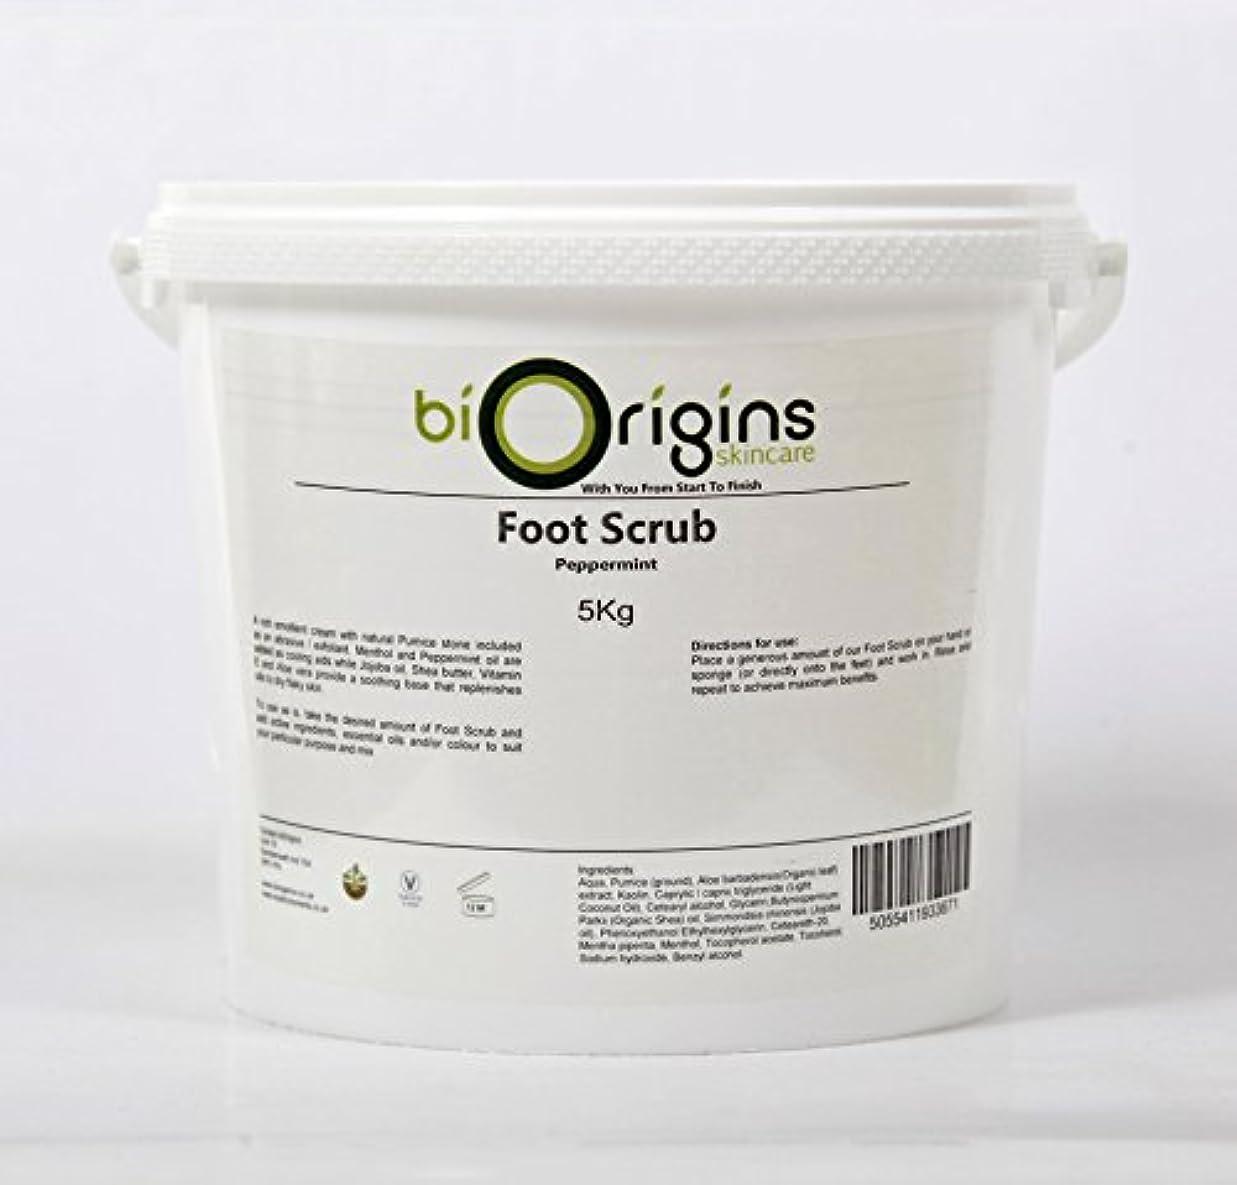 内なるクラッシュスズメバチFoot Scrub Peppermint - Botanical Skincare Base - 5Kg